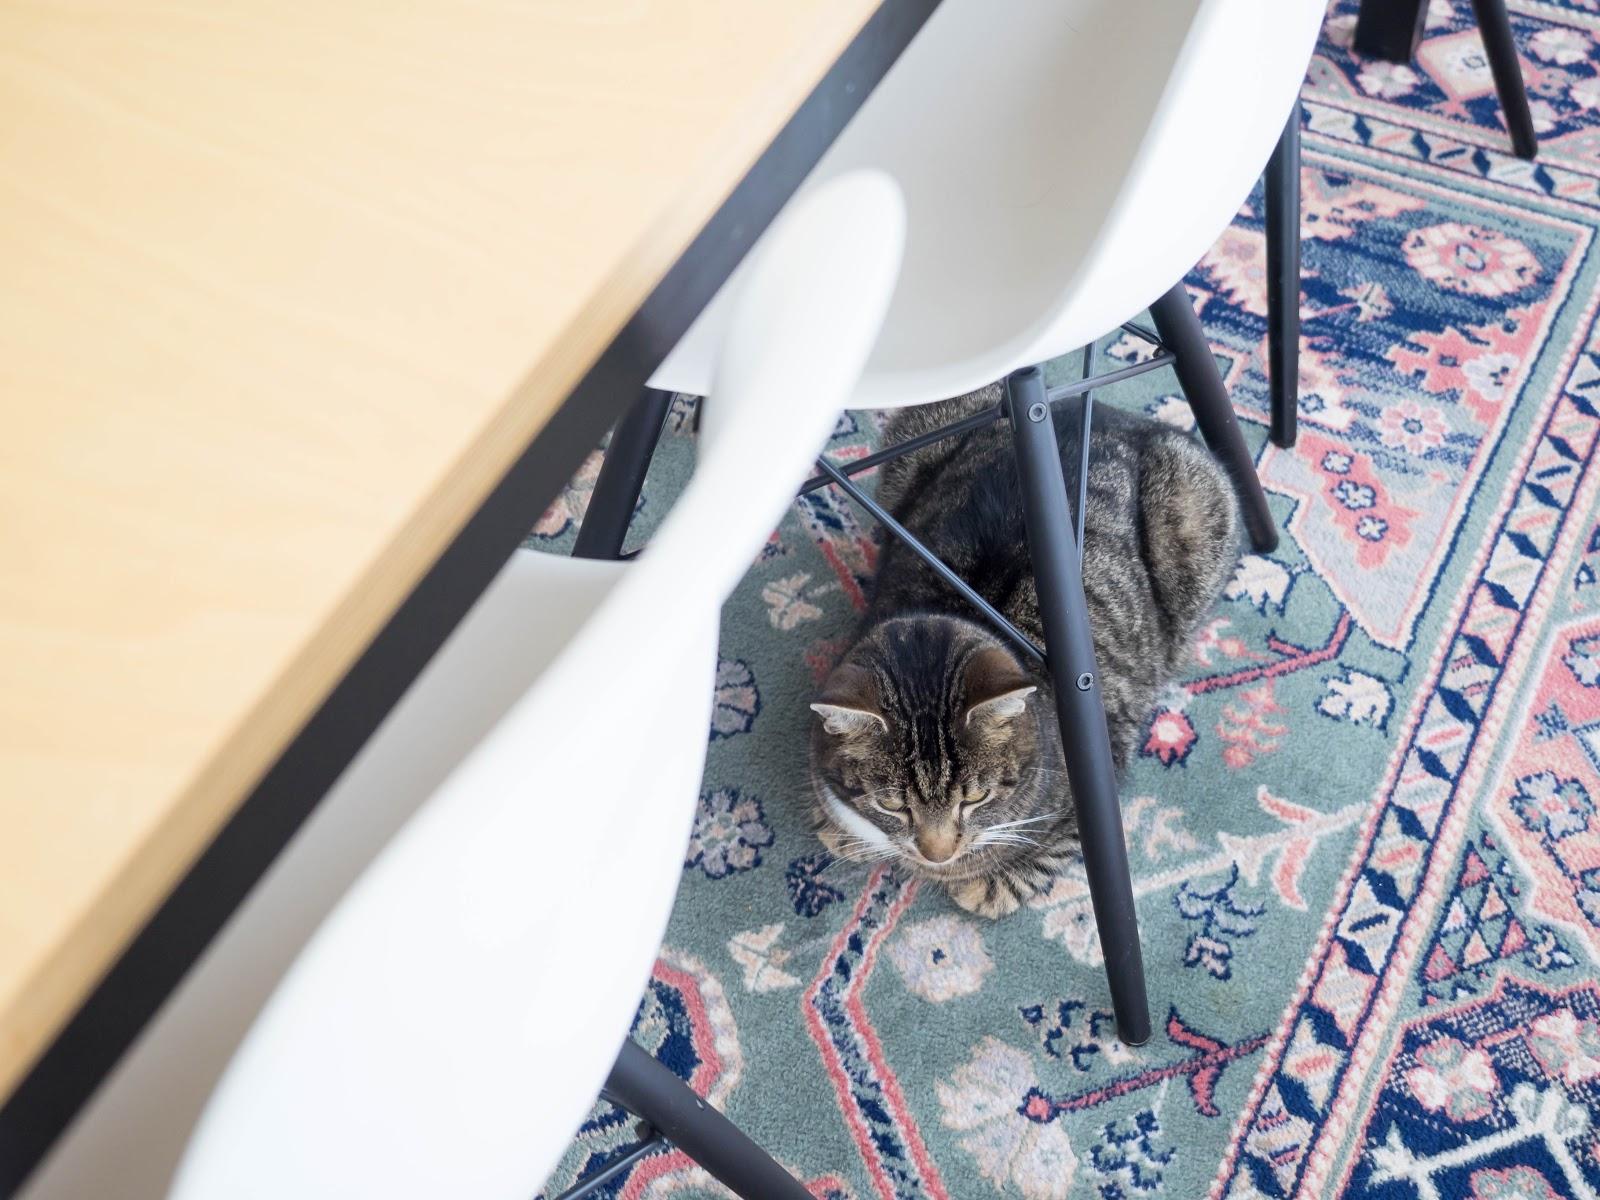 Talostakoti kissa